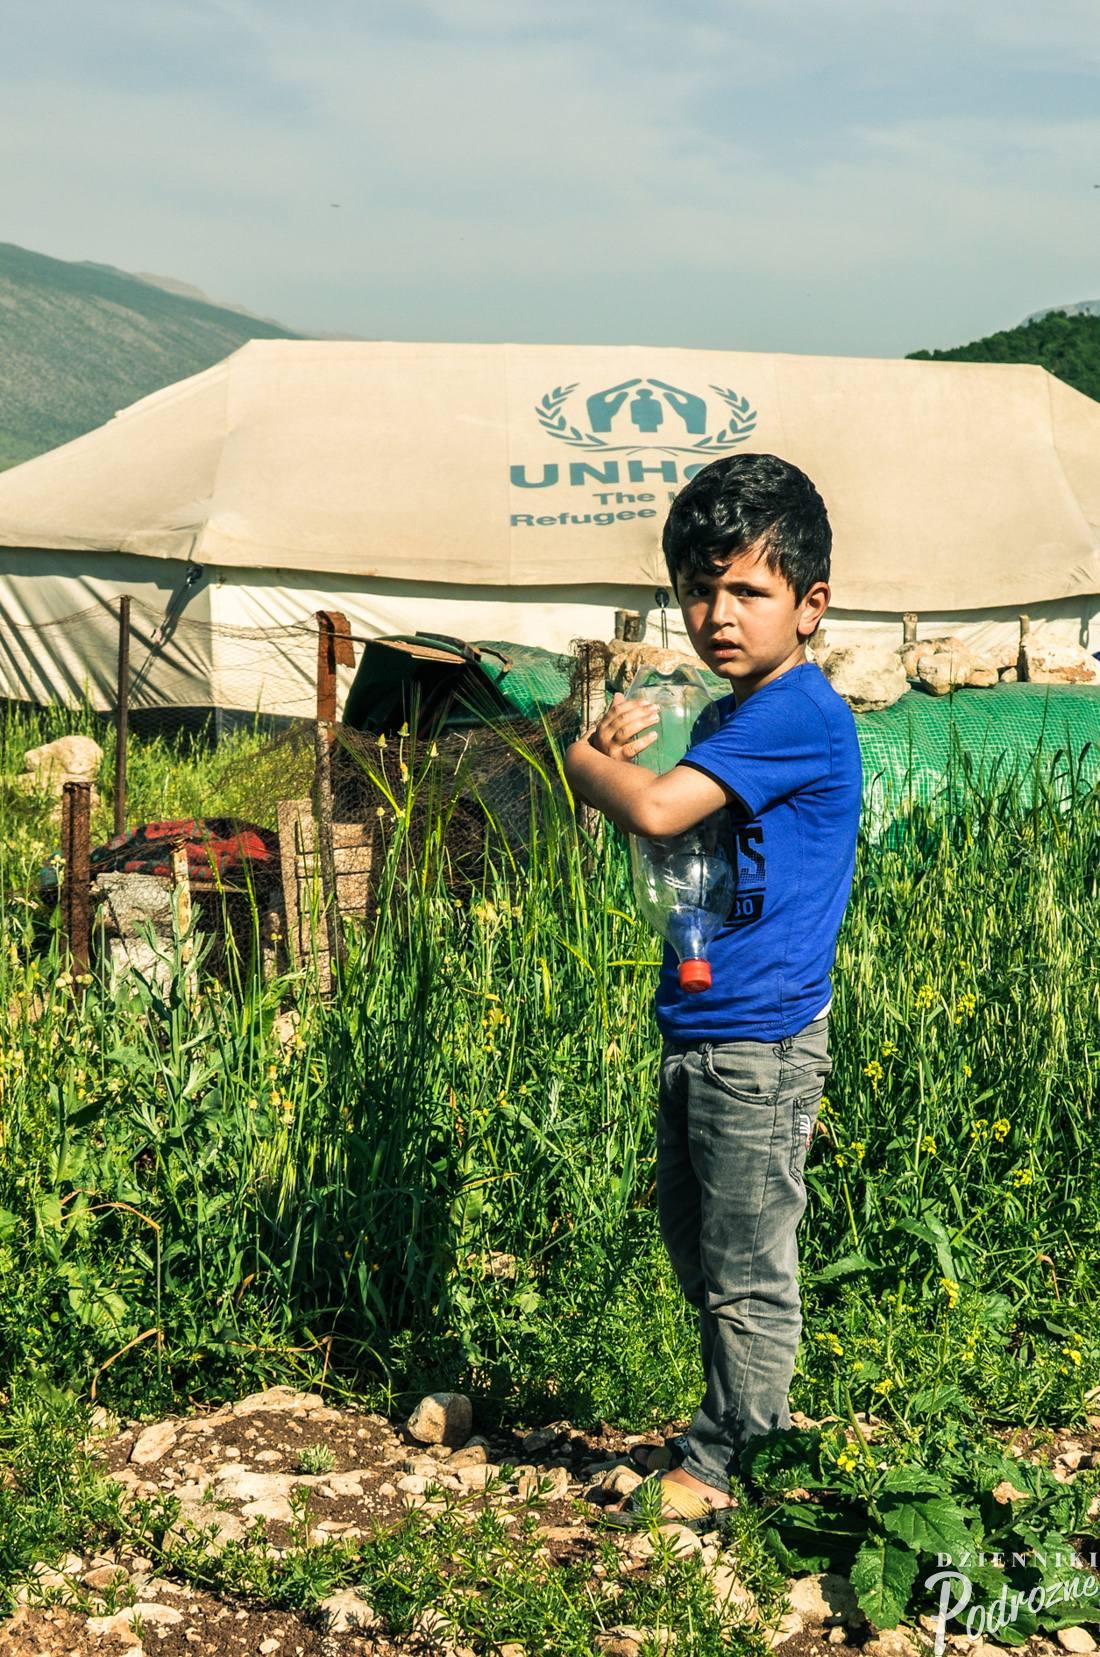 obóz uchodźców syryjskich pod Seladize